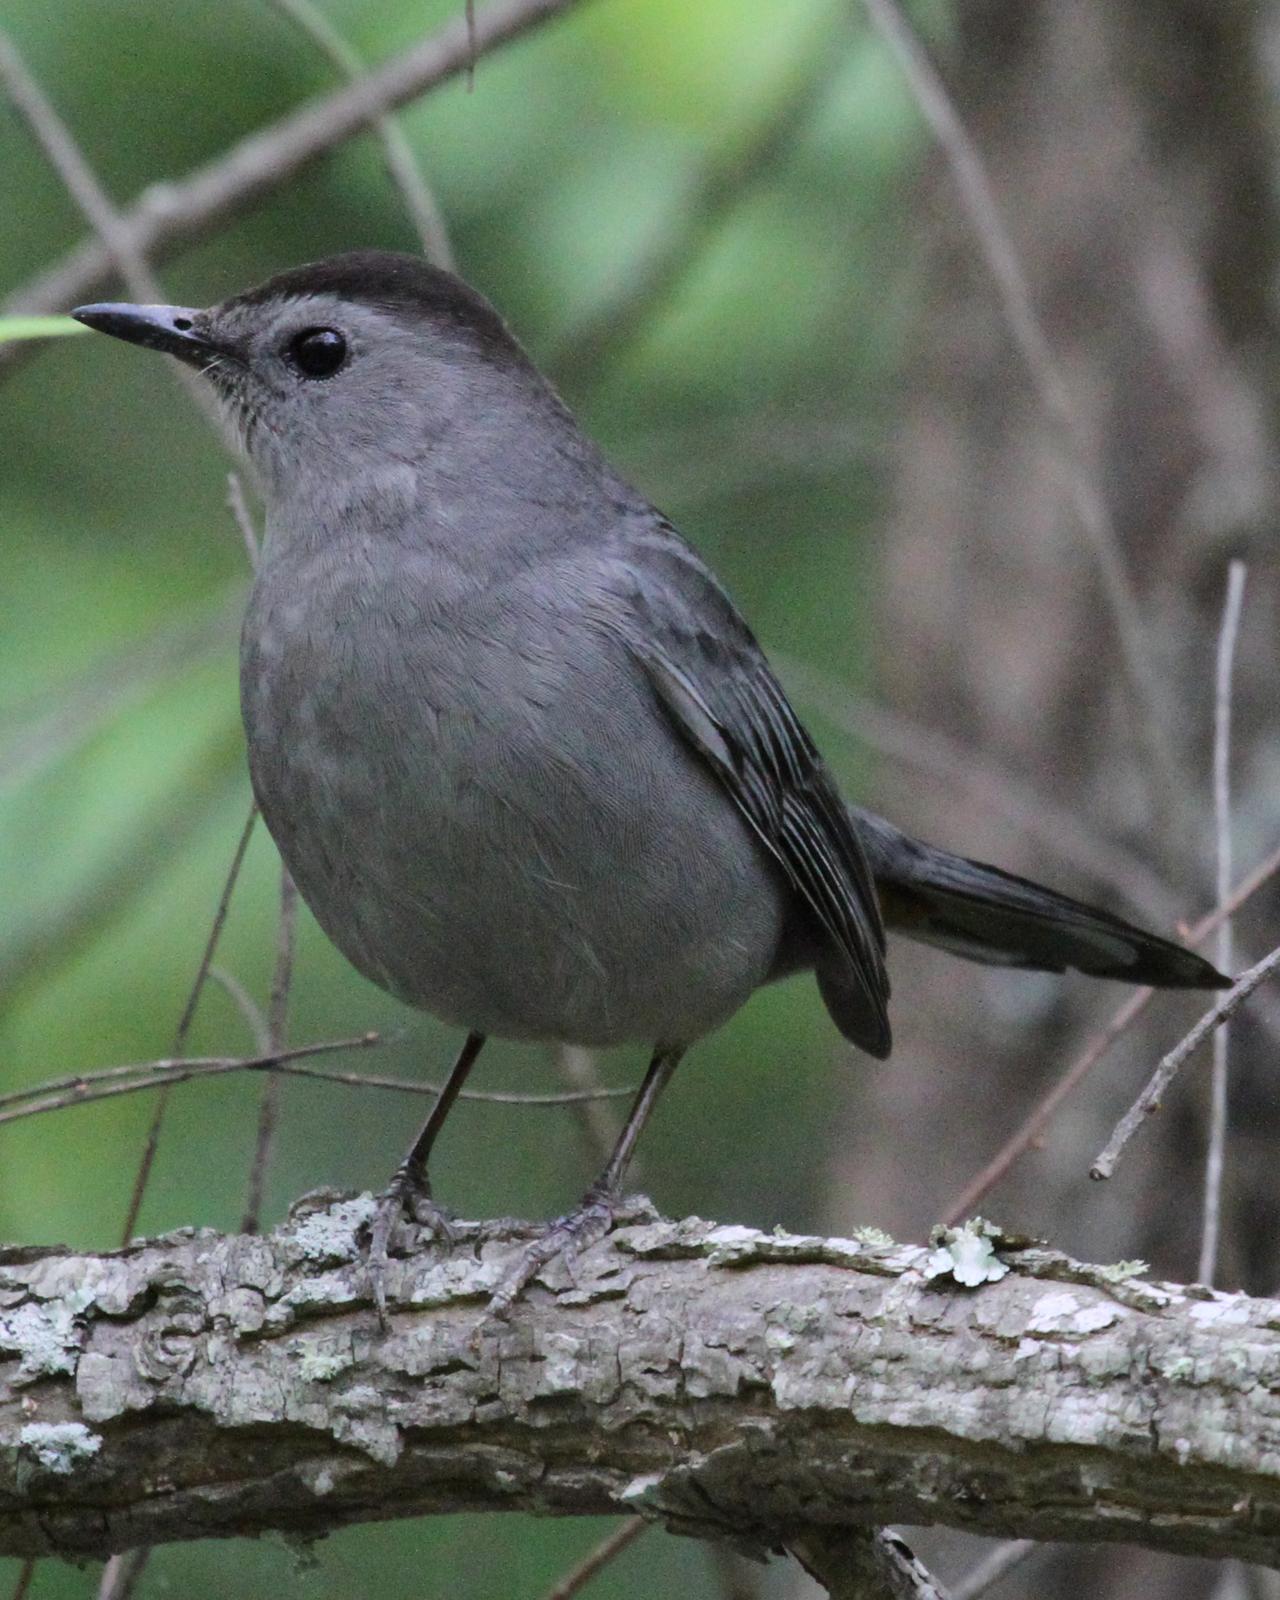 Gray Catbird Photo by Kent Fiala